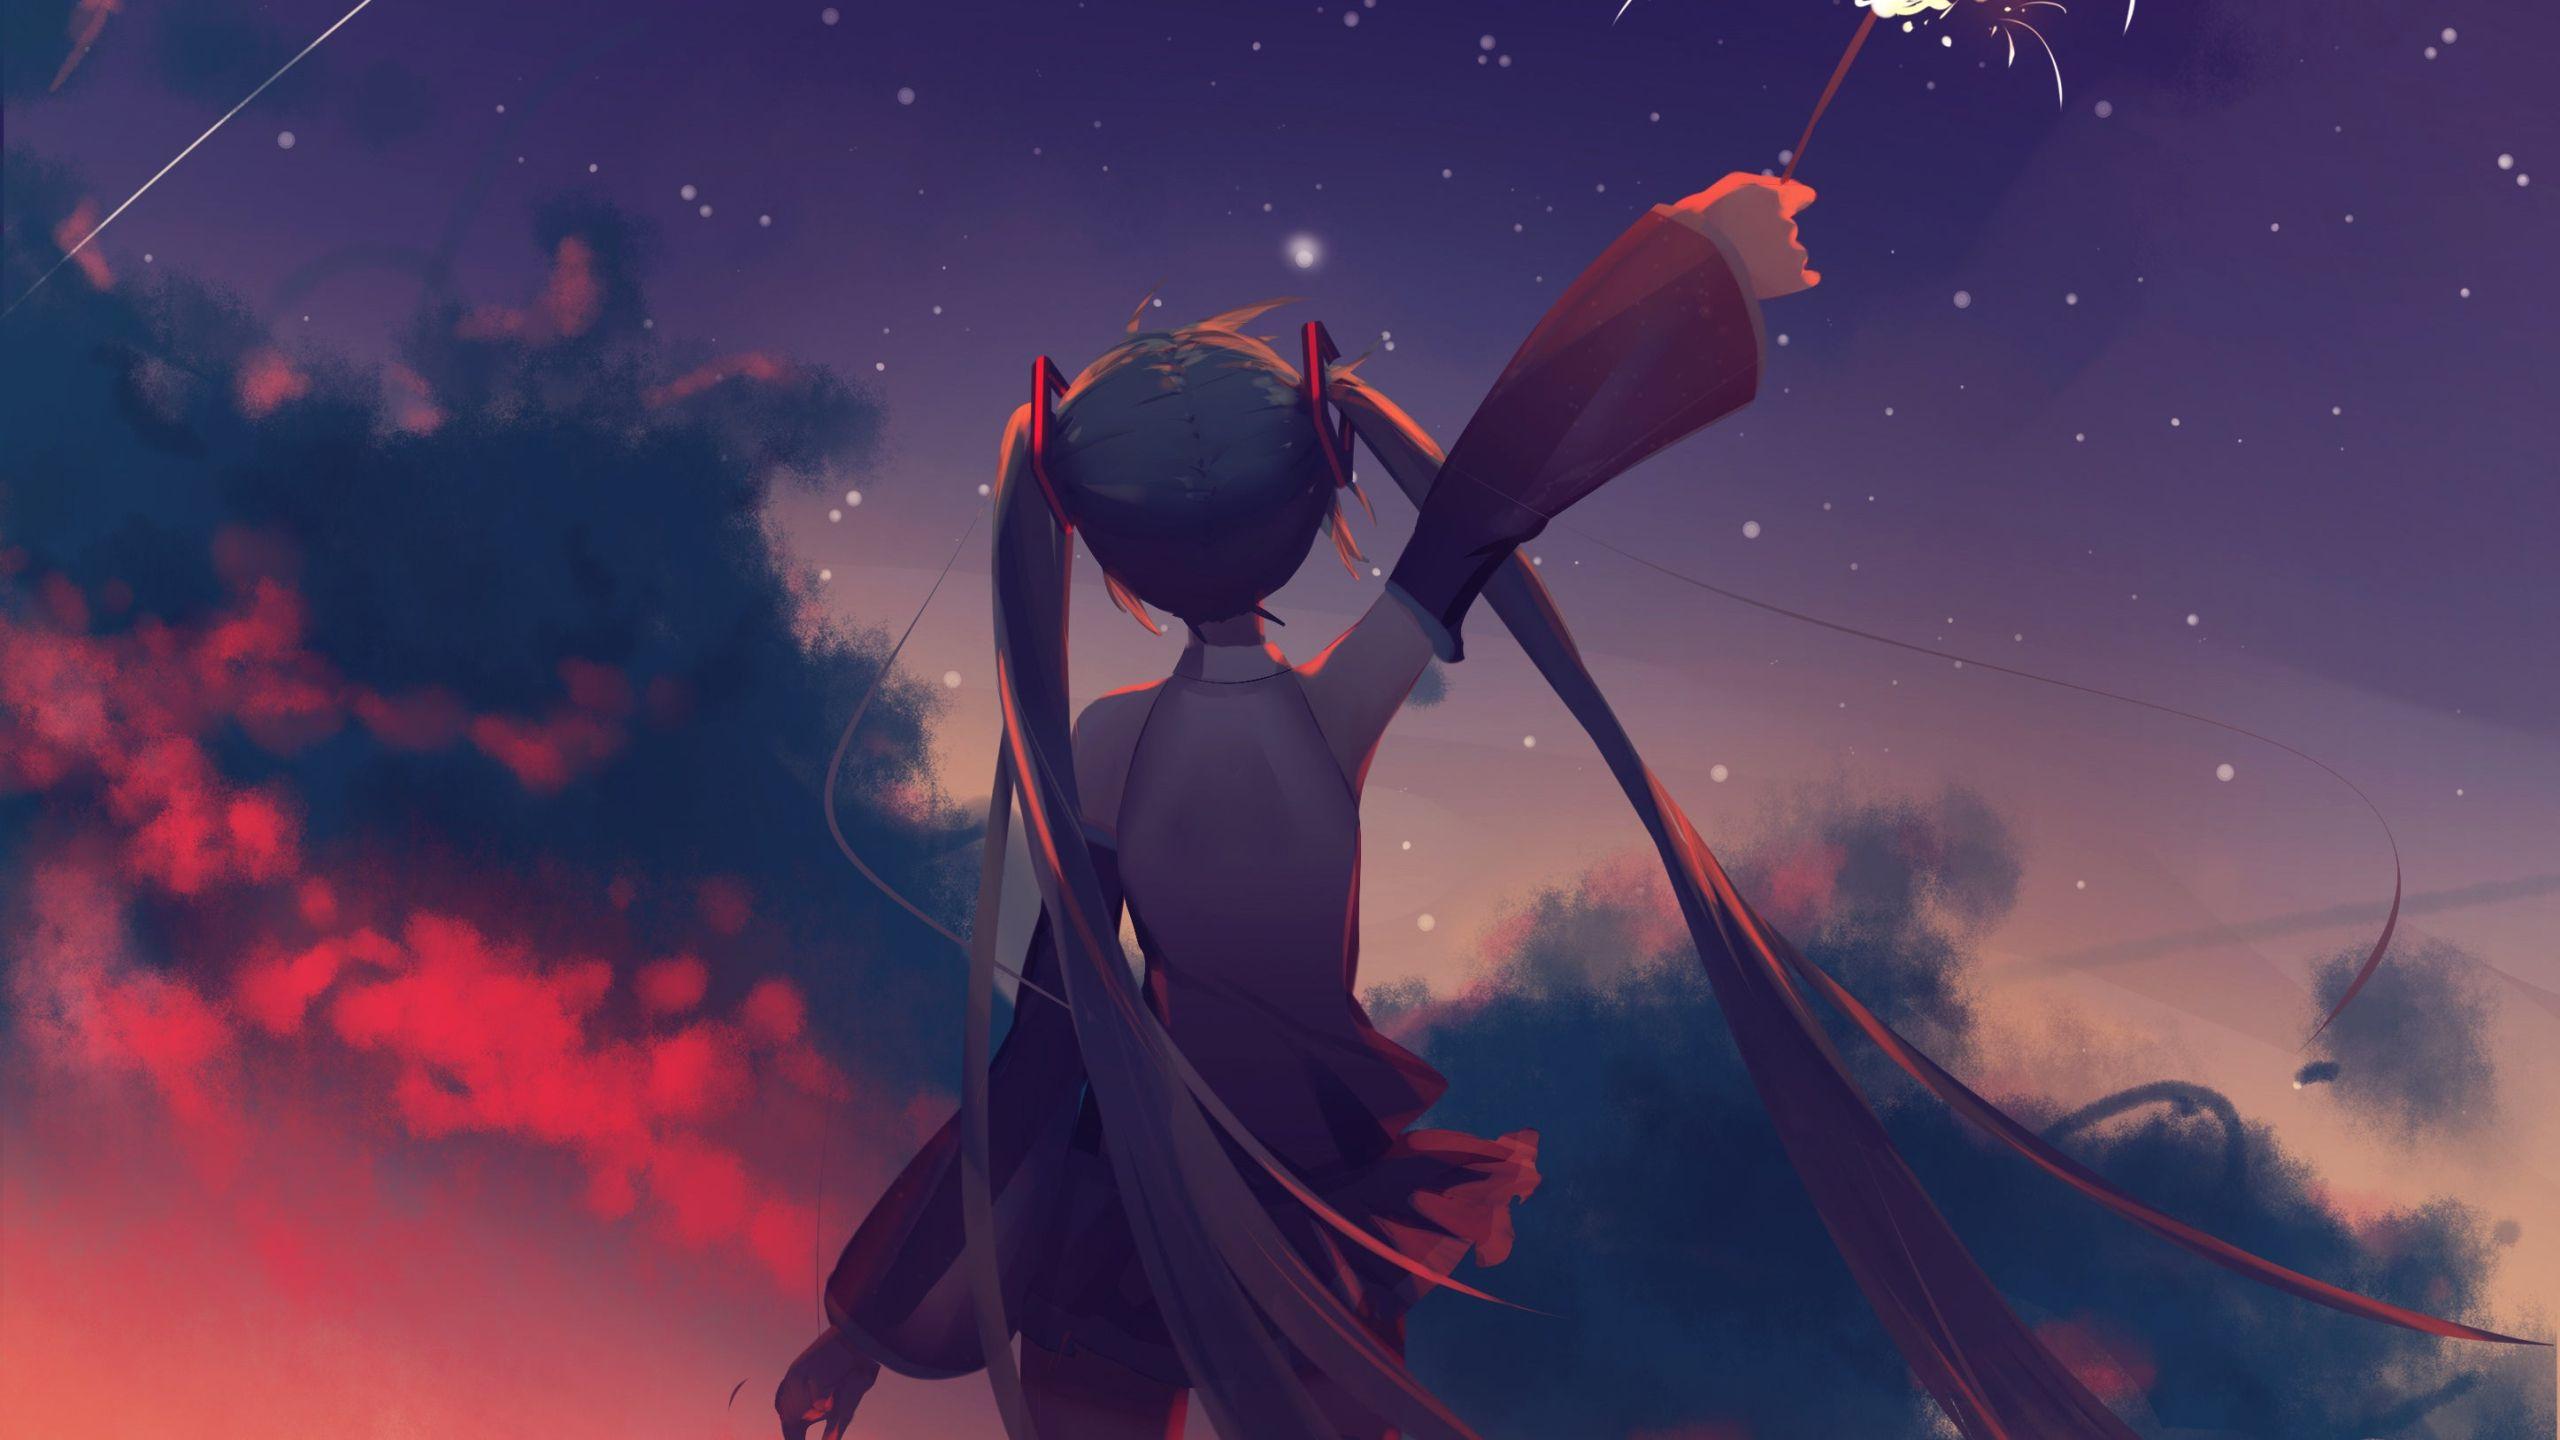 10 Anime 2560x1440 Wallpaper Sachi Wallpaper